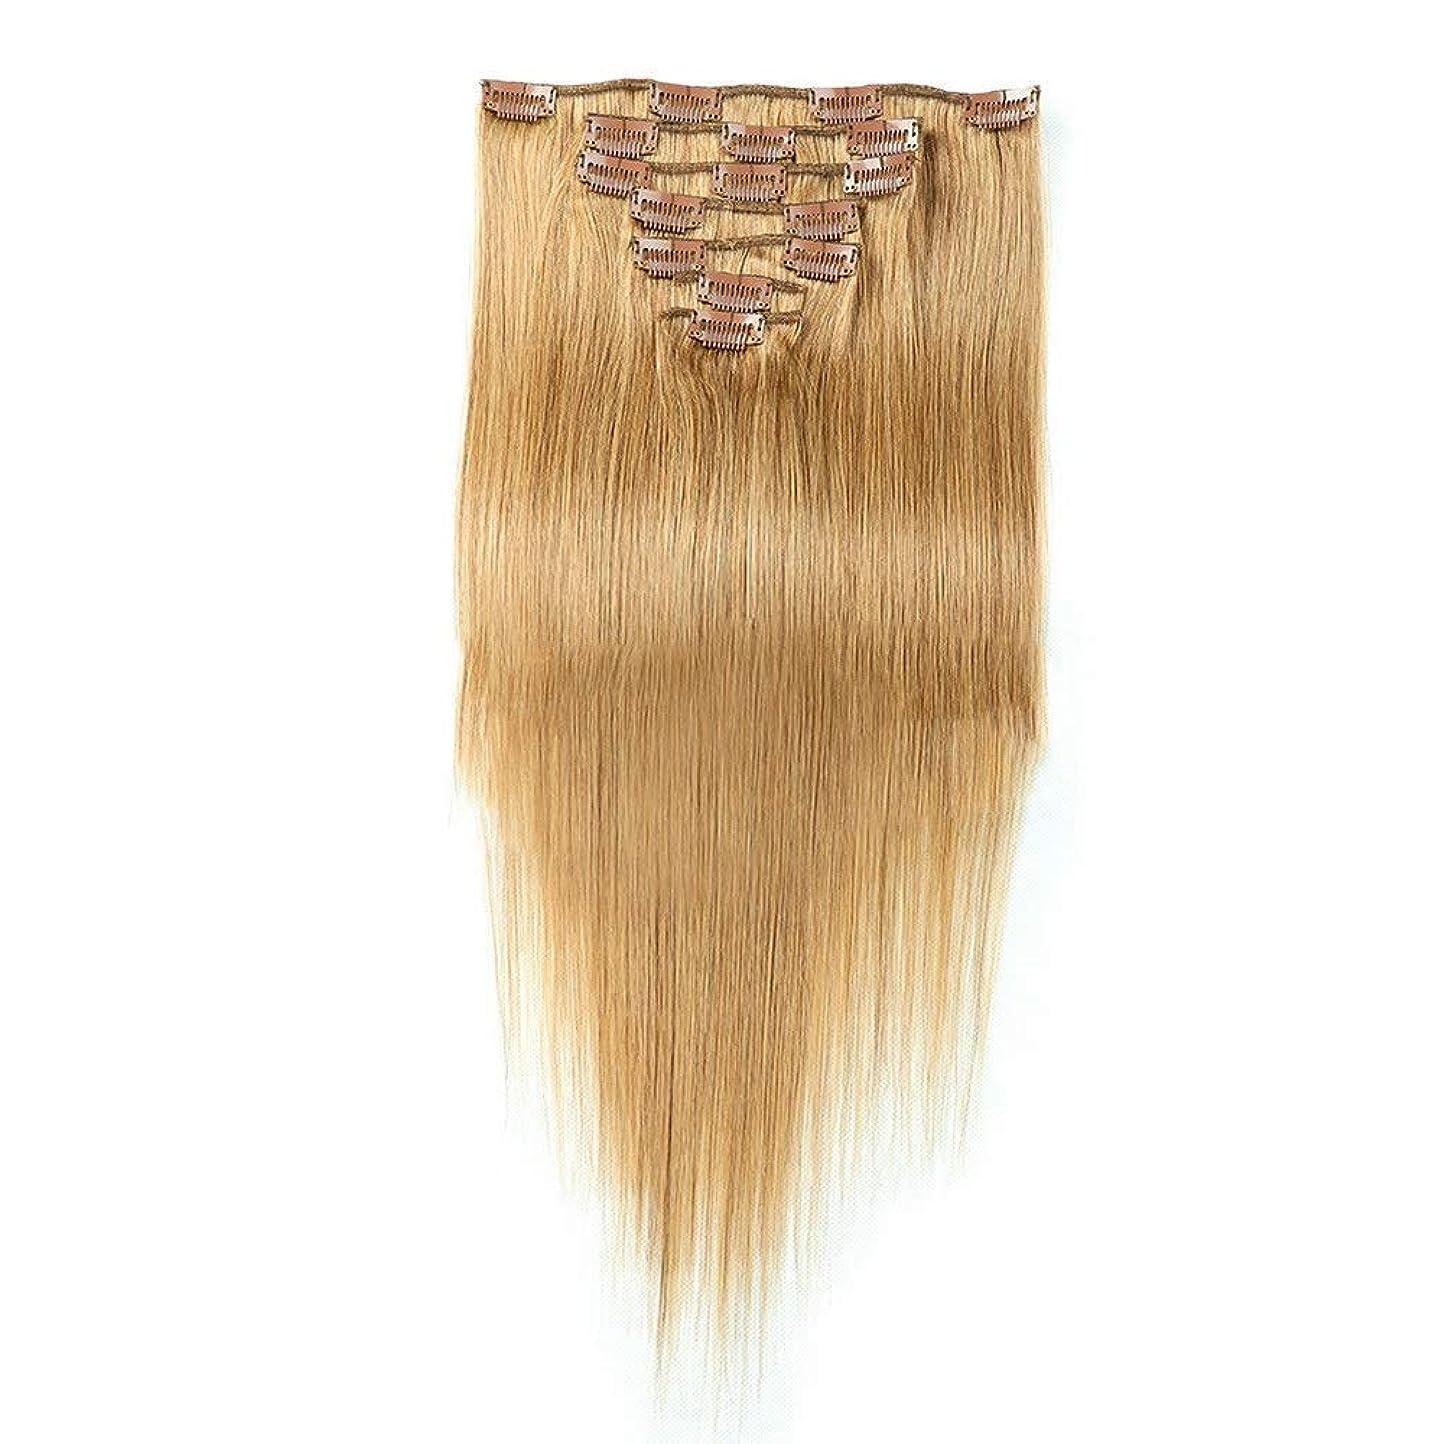 ペース従事した予想外YESONEEP ヘアエクステンション人毛20インチブロンド#16色7個70gダブル横糸ソフトストレートフルヘッド用女性ブロンドオンブルかつらファッションかつら (Color : #16 blonde)